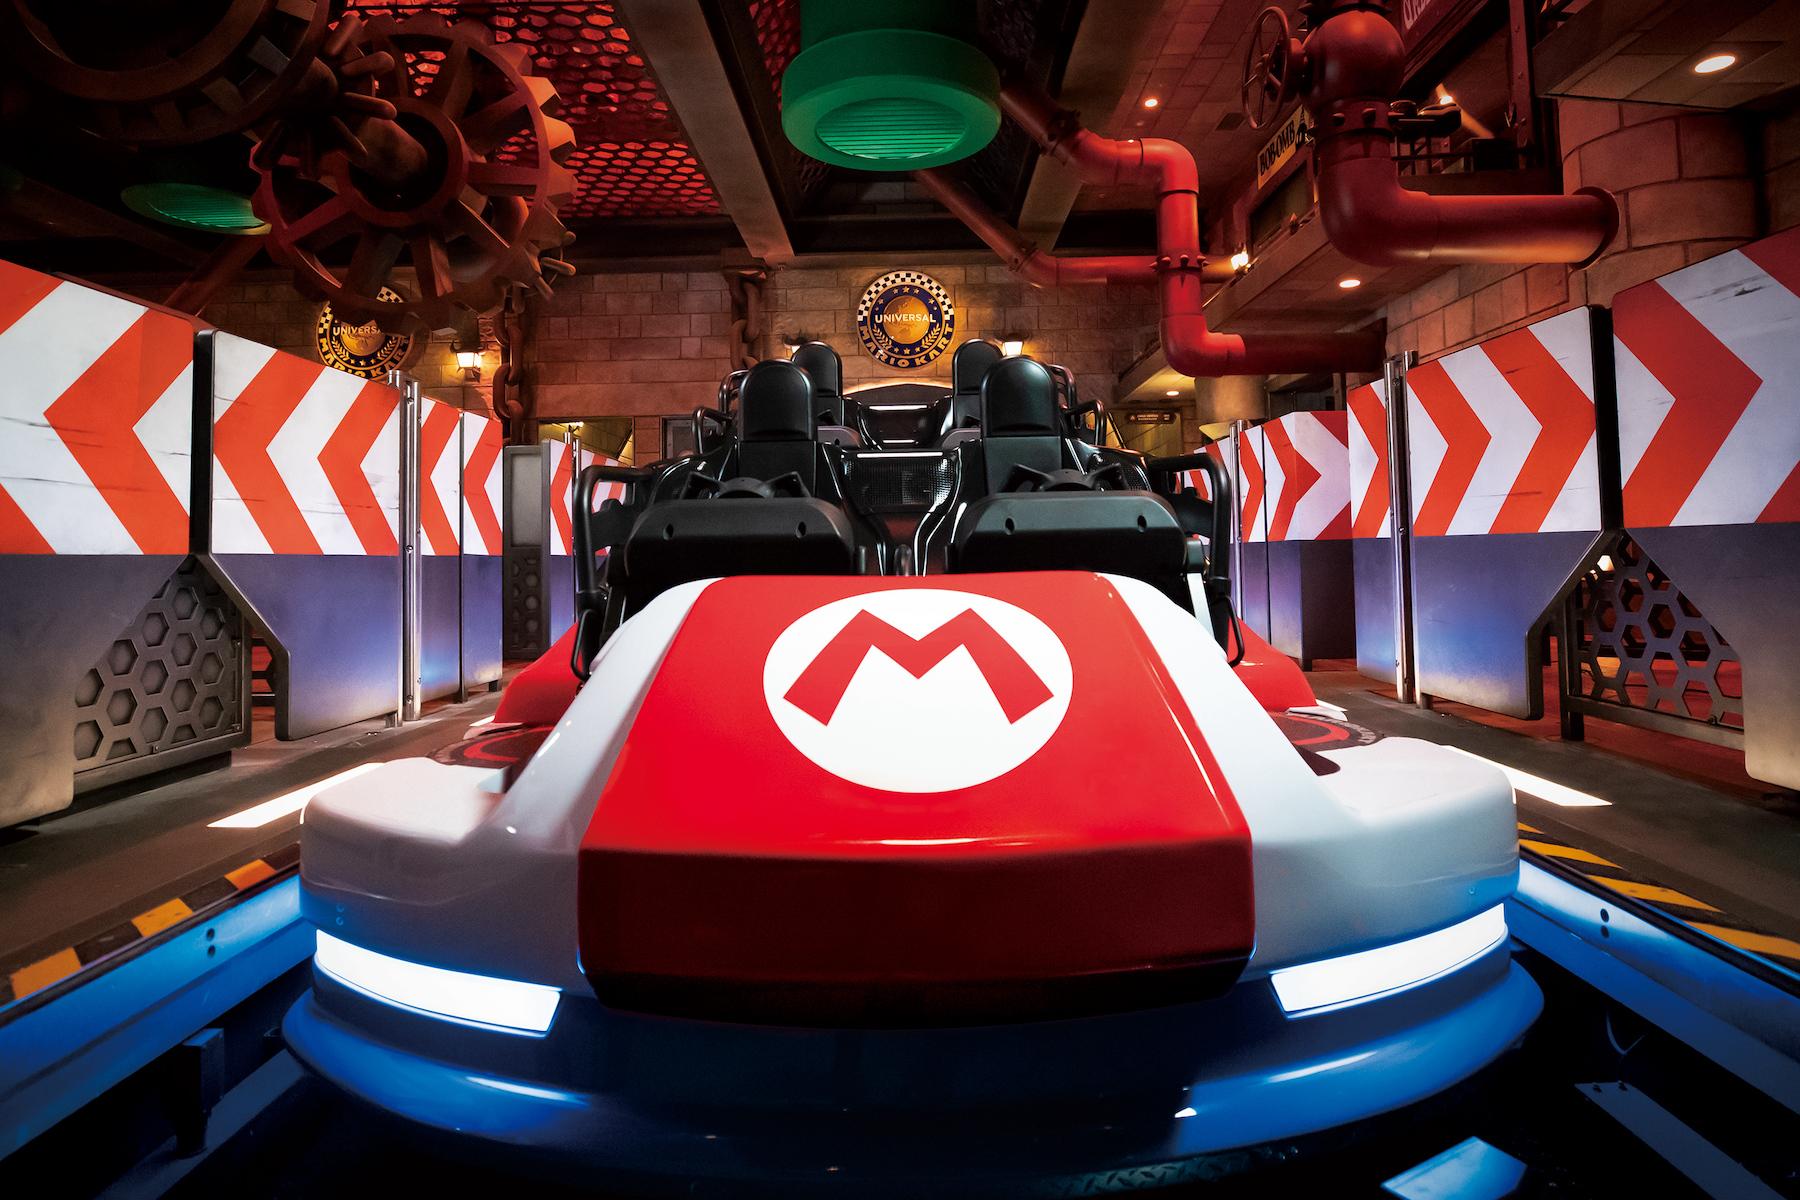 Nintendo dévoile les premières images de son parc d'attractions Super Nintendo World